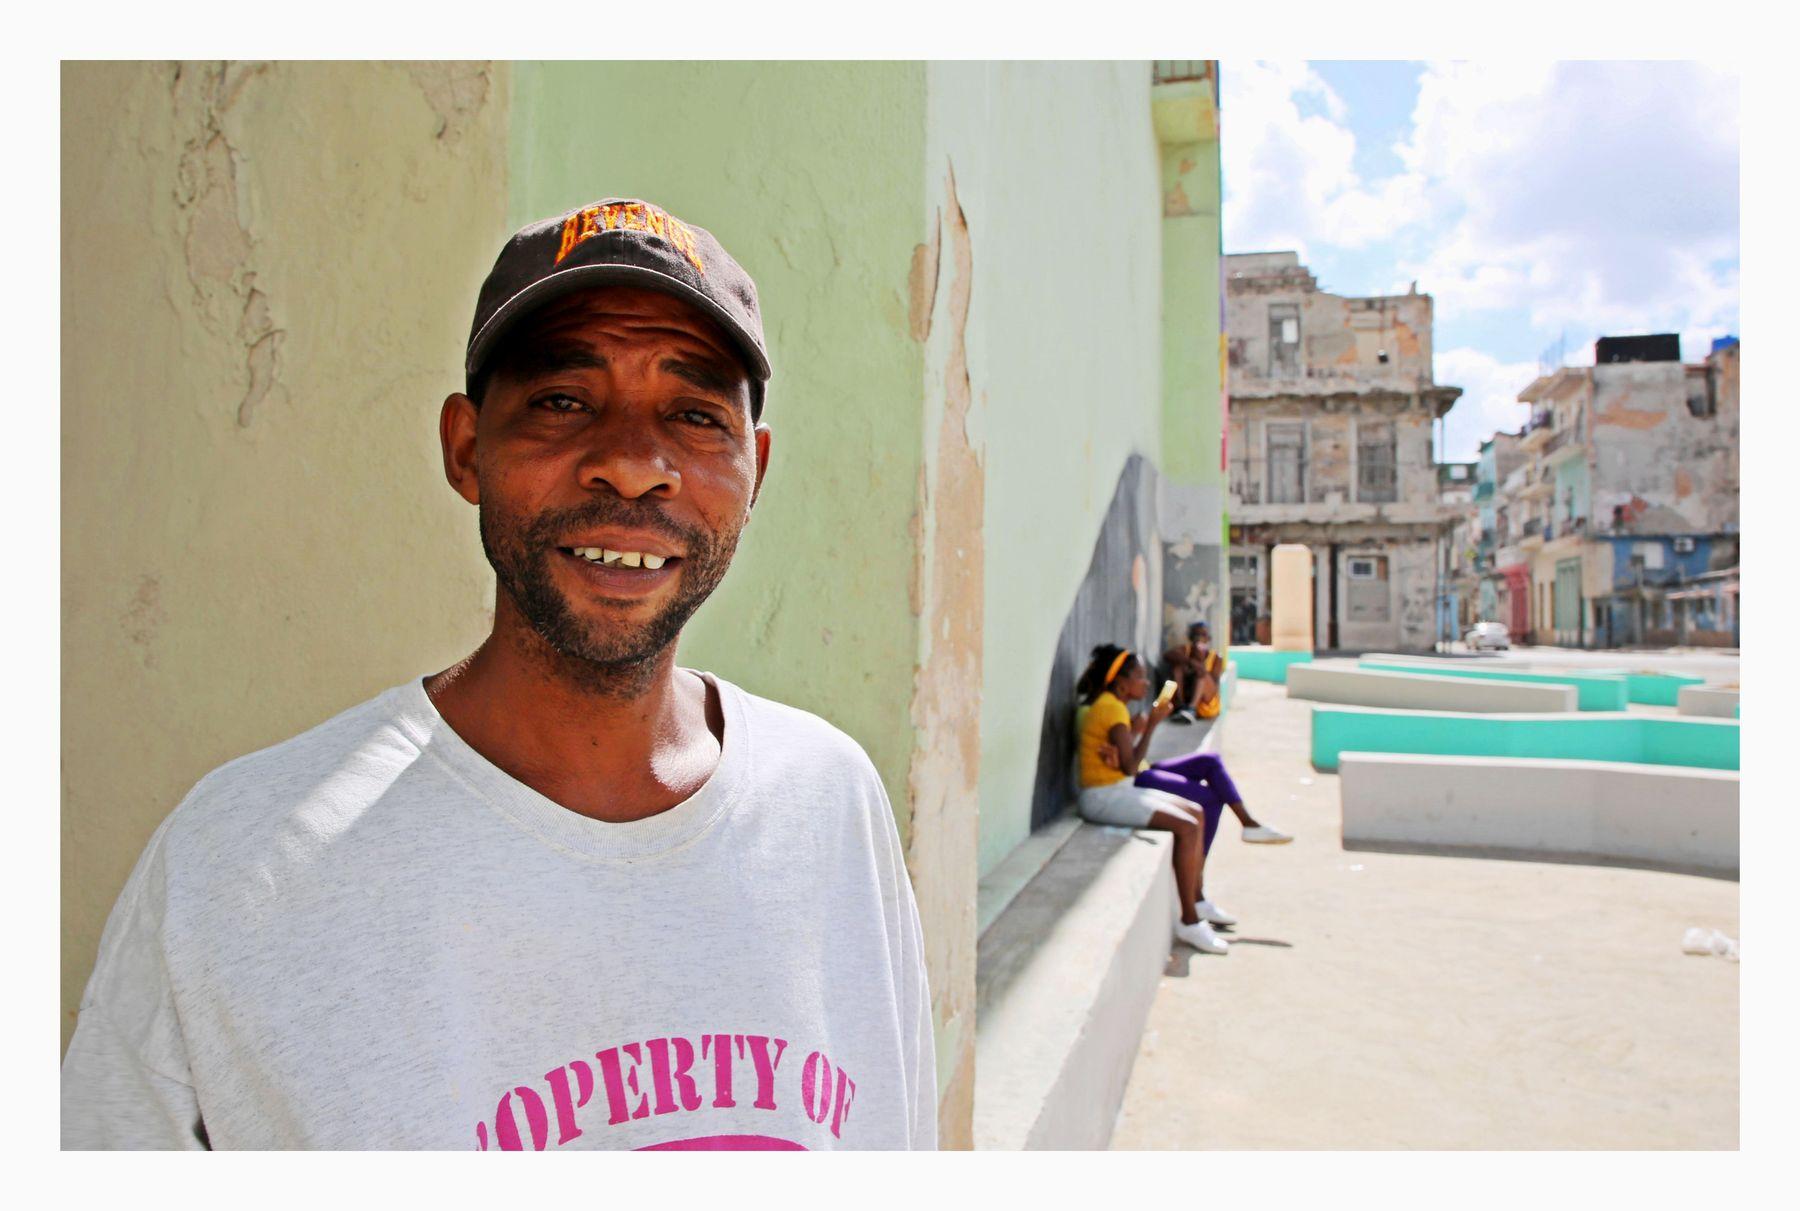 yo no tengo amigo cuba la habana vieja libre isla bonita cubanos